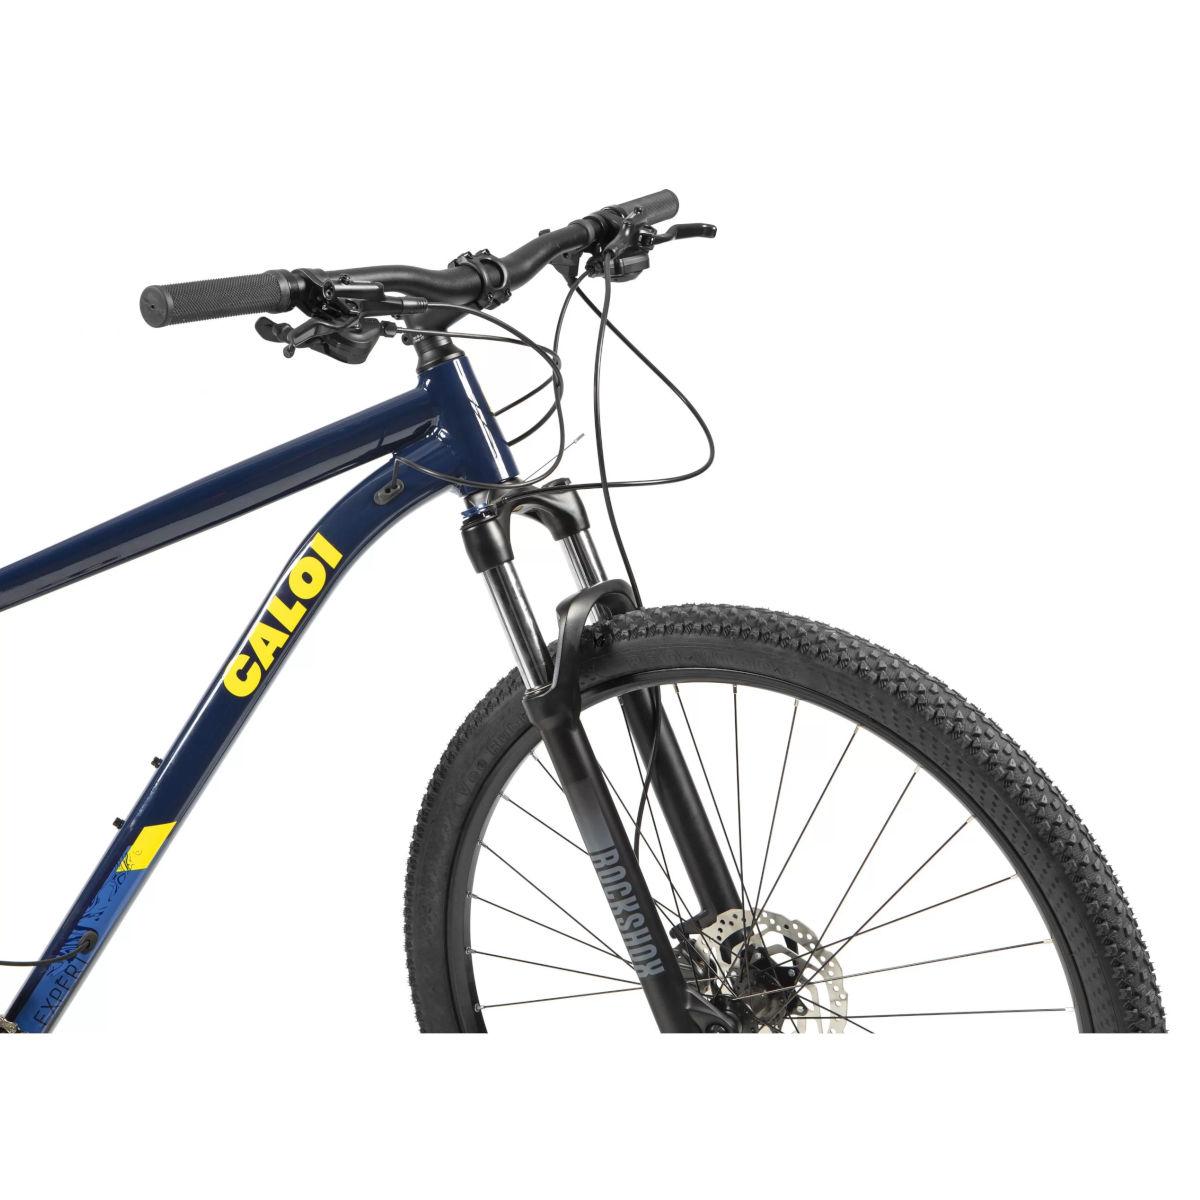 BICICLETA CALOI EXPLORER EXPERT 2021 AZUL